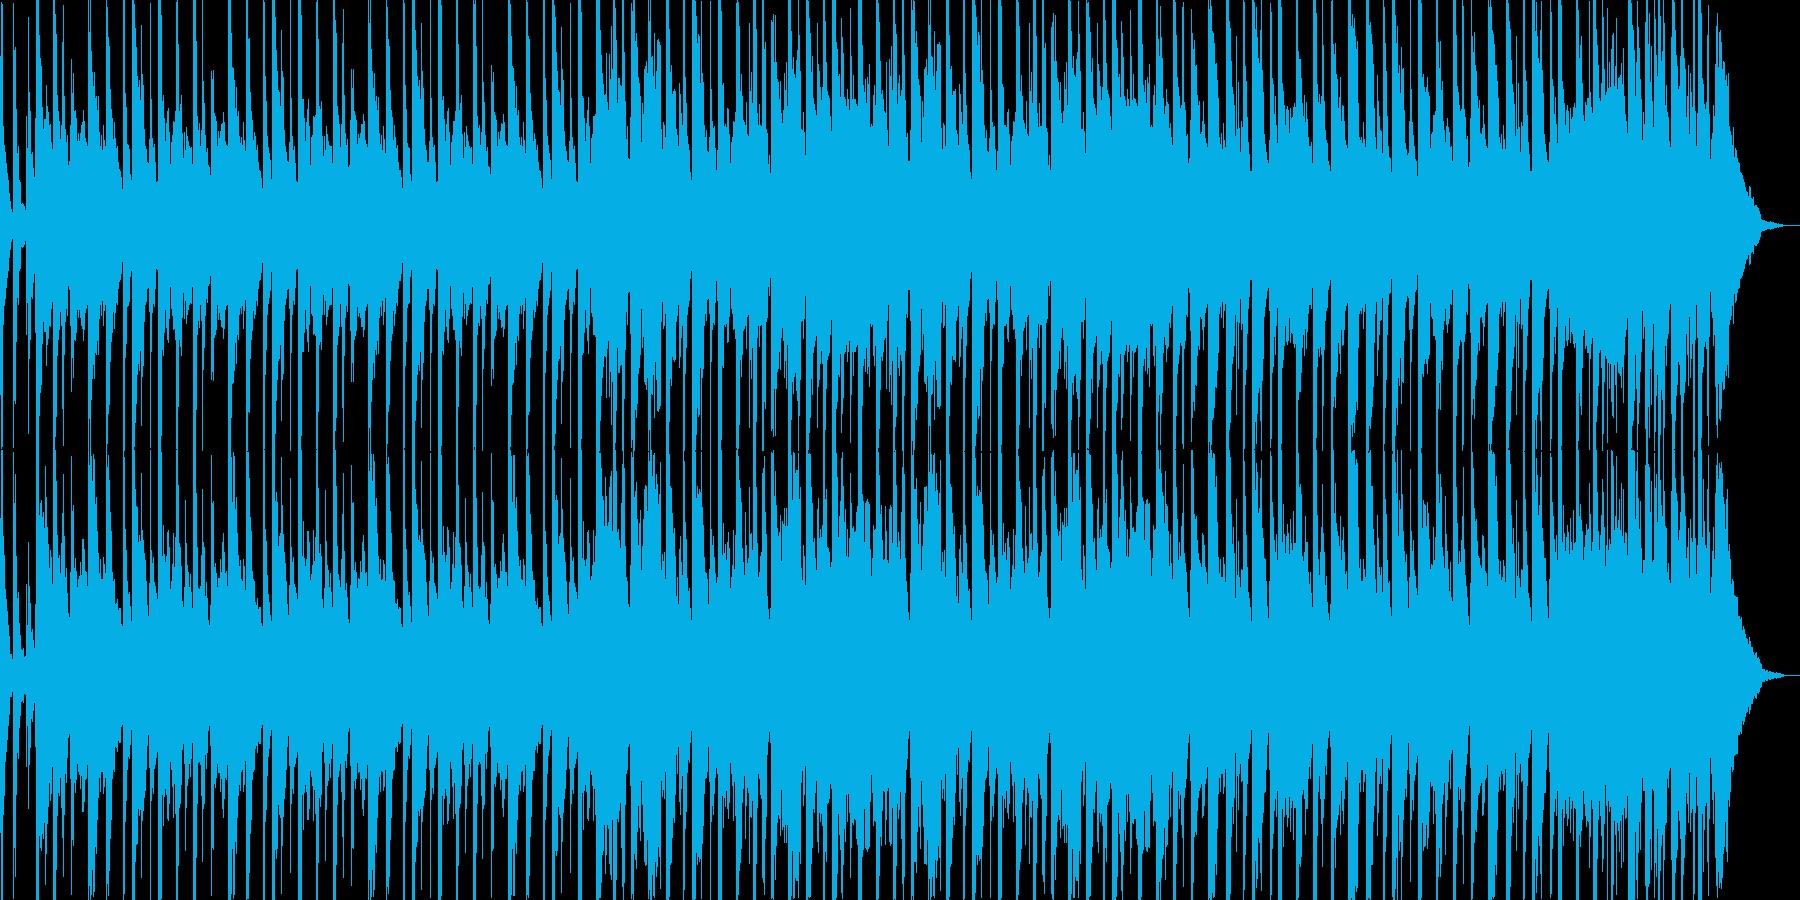 映像系に合いそうなコミカルブルースの再生済みの波形